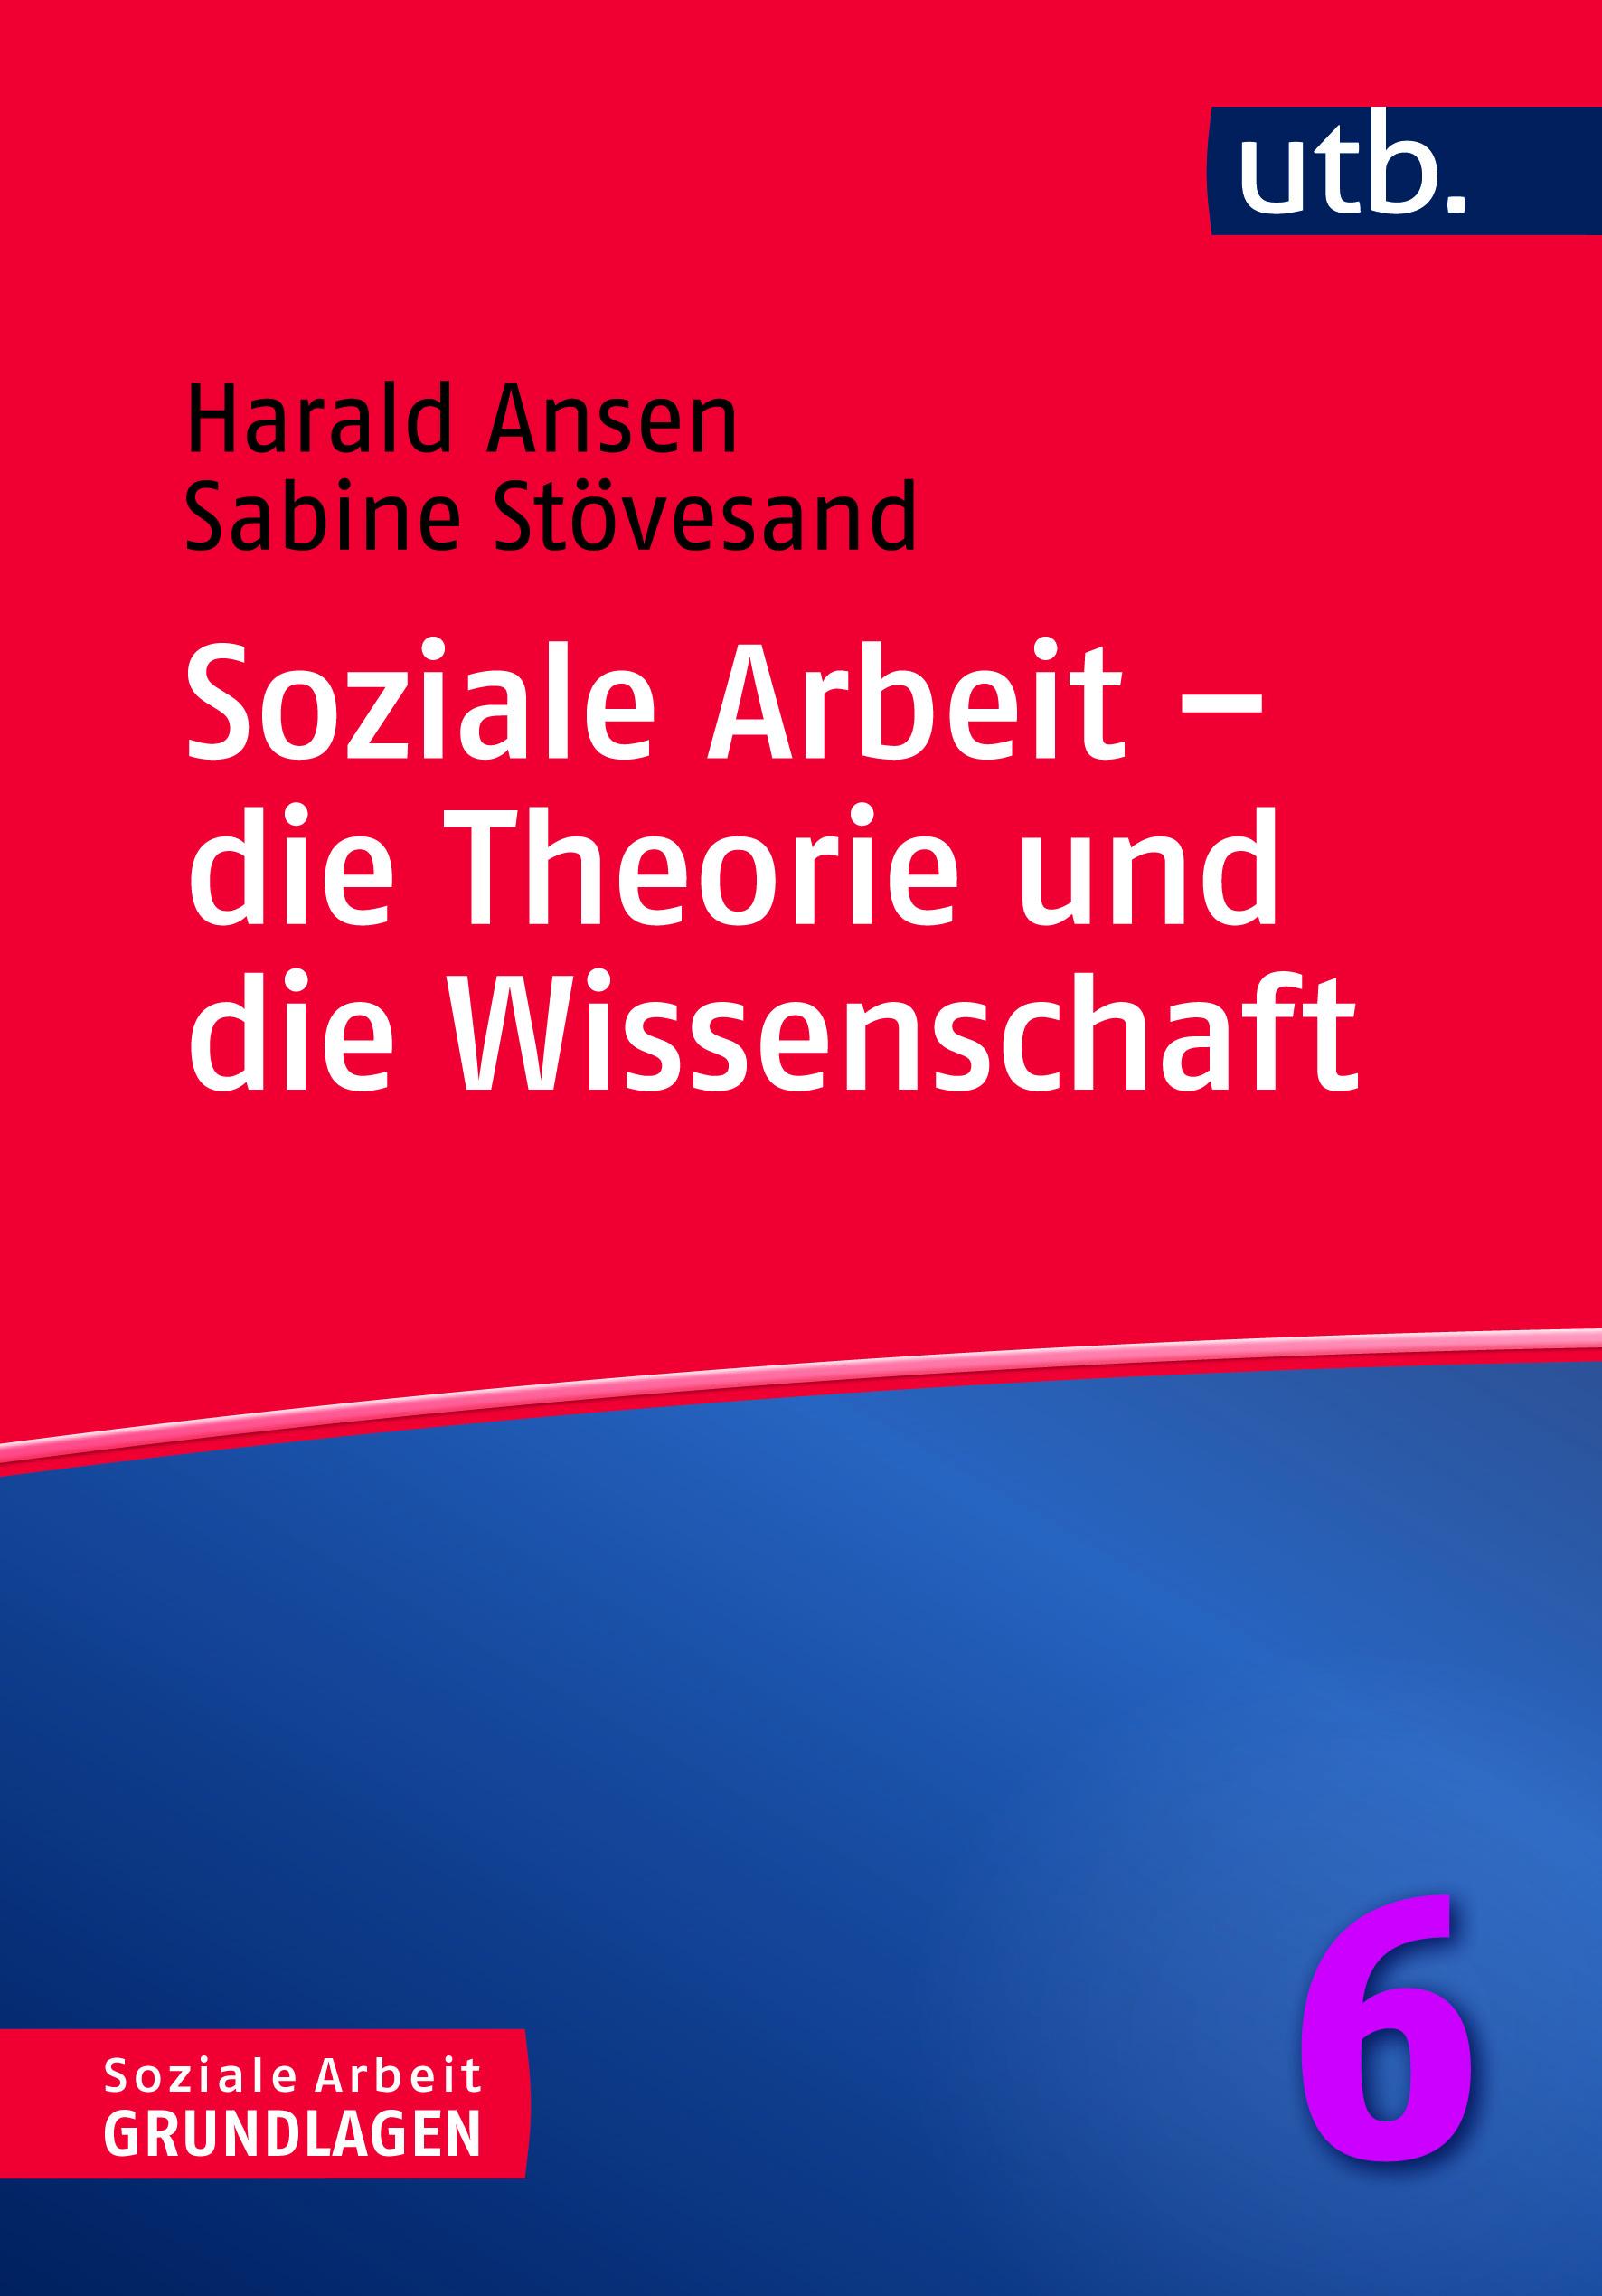 Soziale Arbeit - die Theorie und die Wissenschaft